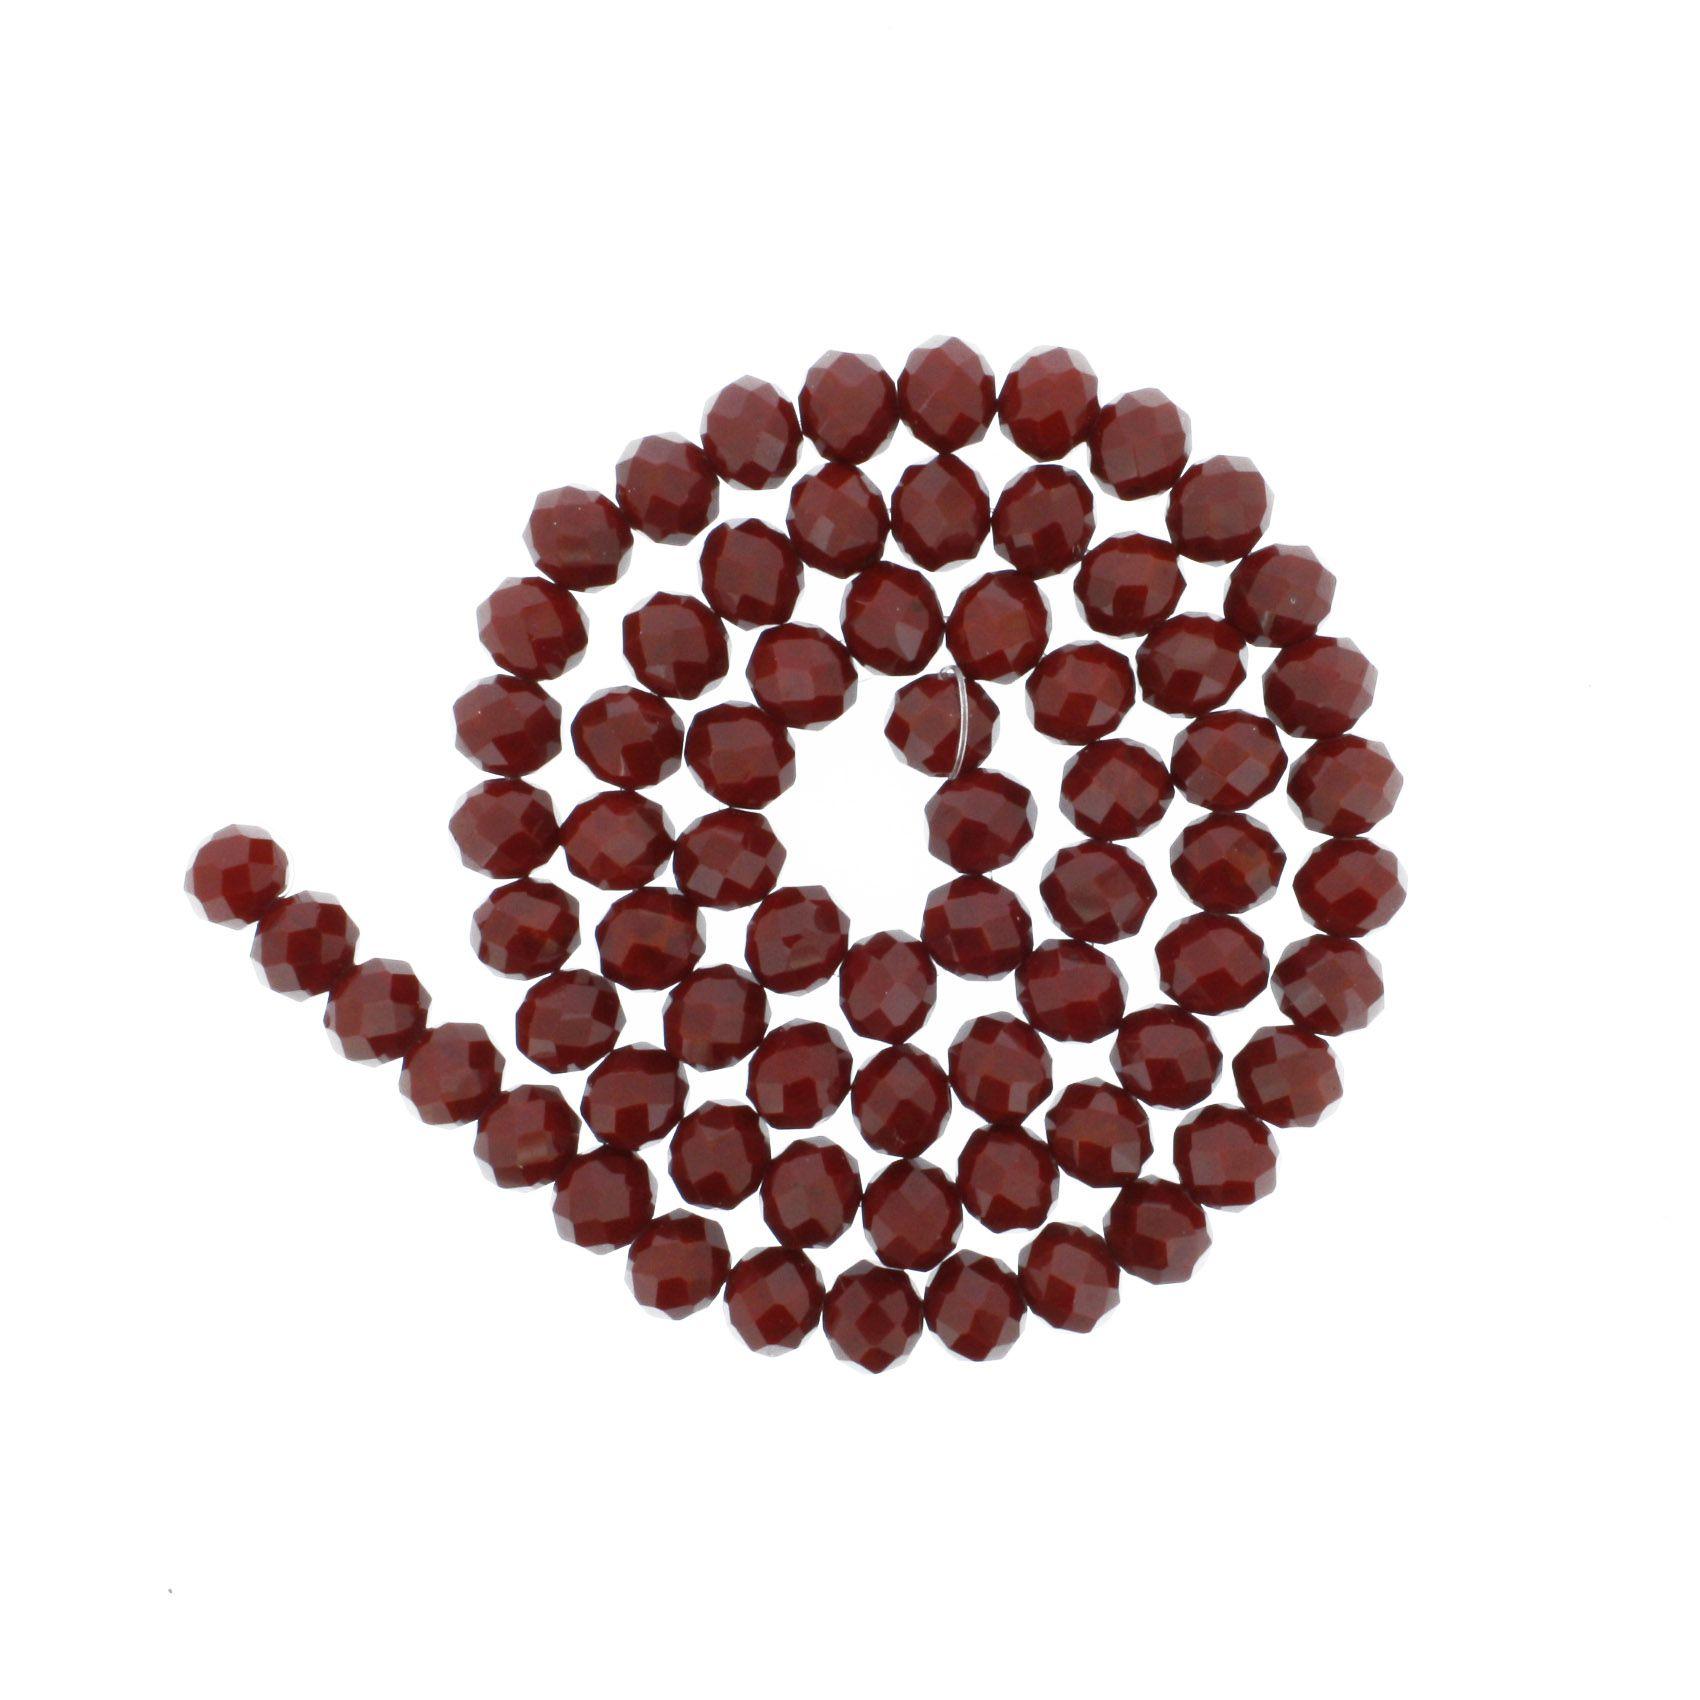 Fio de Cristal - Piatto® - Vermelho Escuro - 10mm  - Universo Religioso® - Artigos de Umbanda e Candomblé